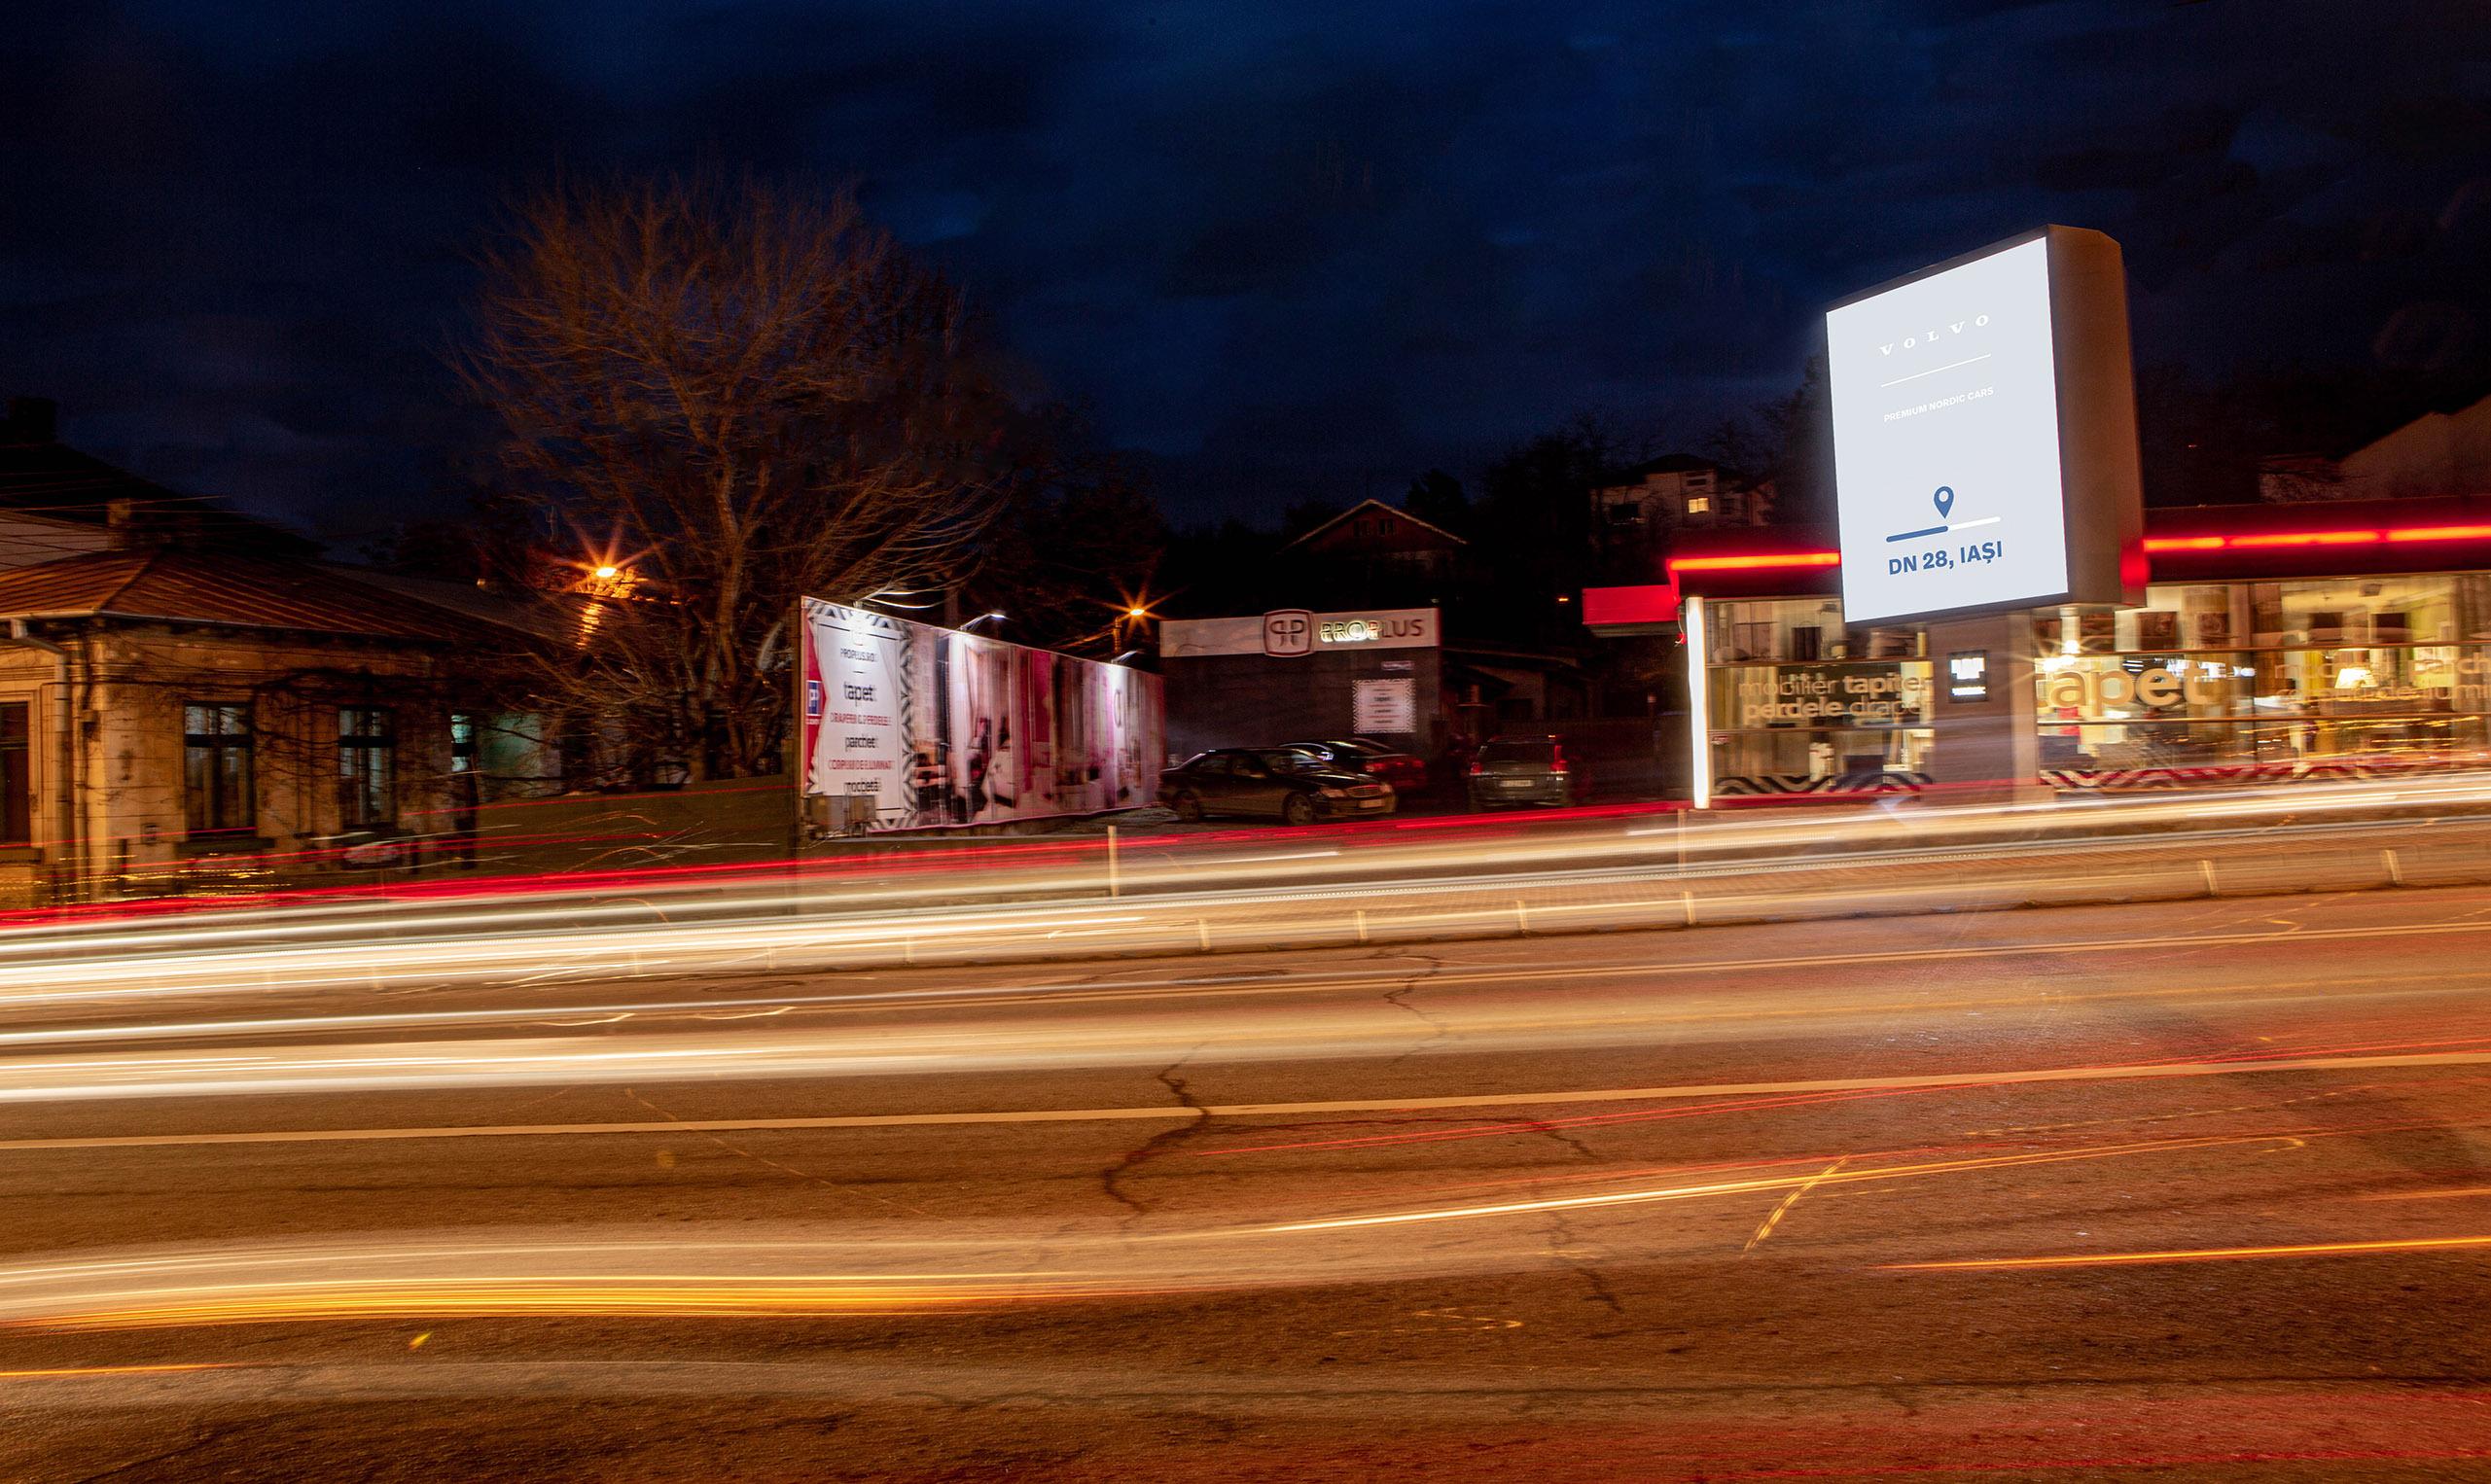 billboard-digital-pacurari-iasi-volvo-publicitate-outdoor-premium-nordic-cars